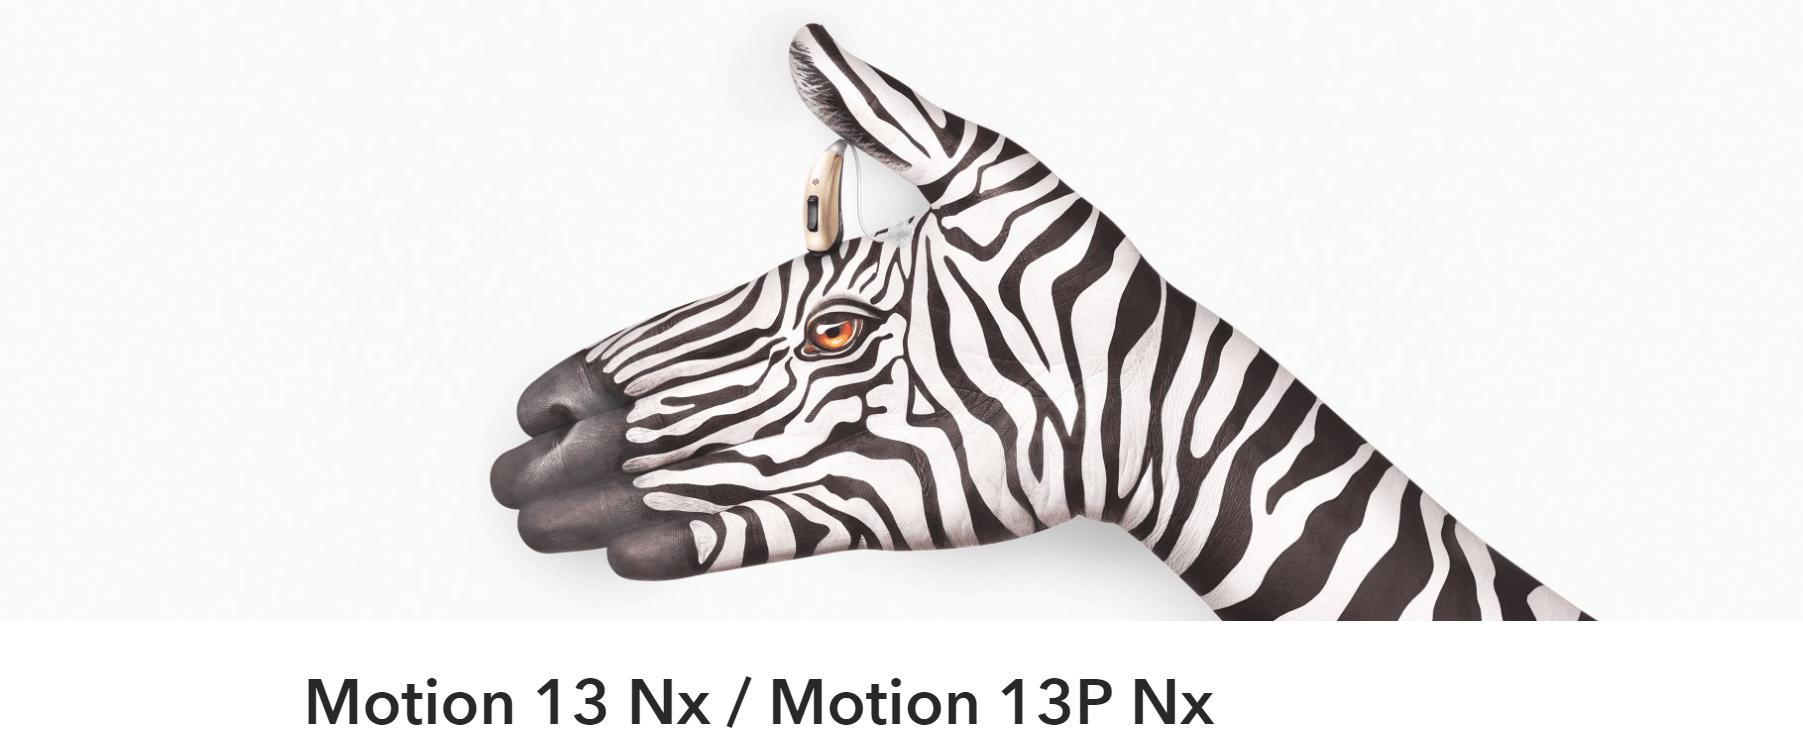 Motion 13-Nx / P Nx